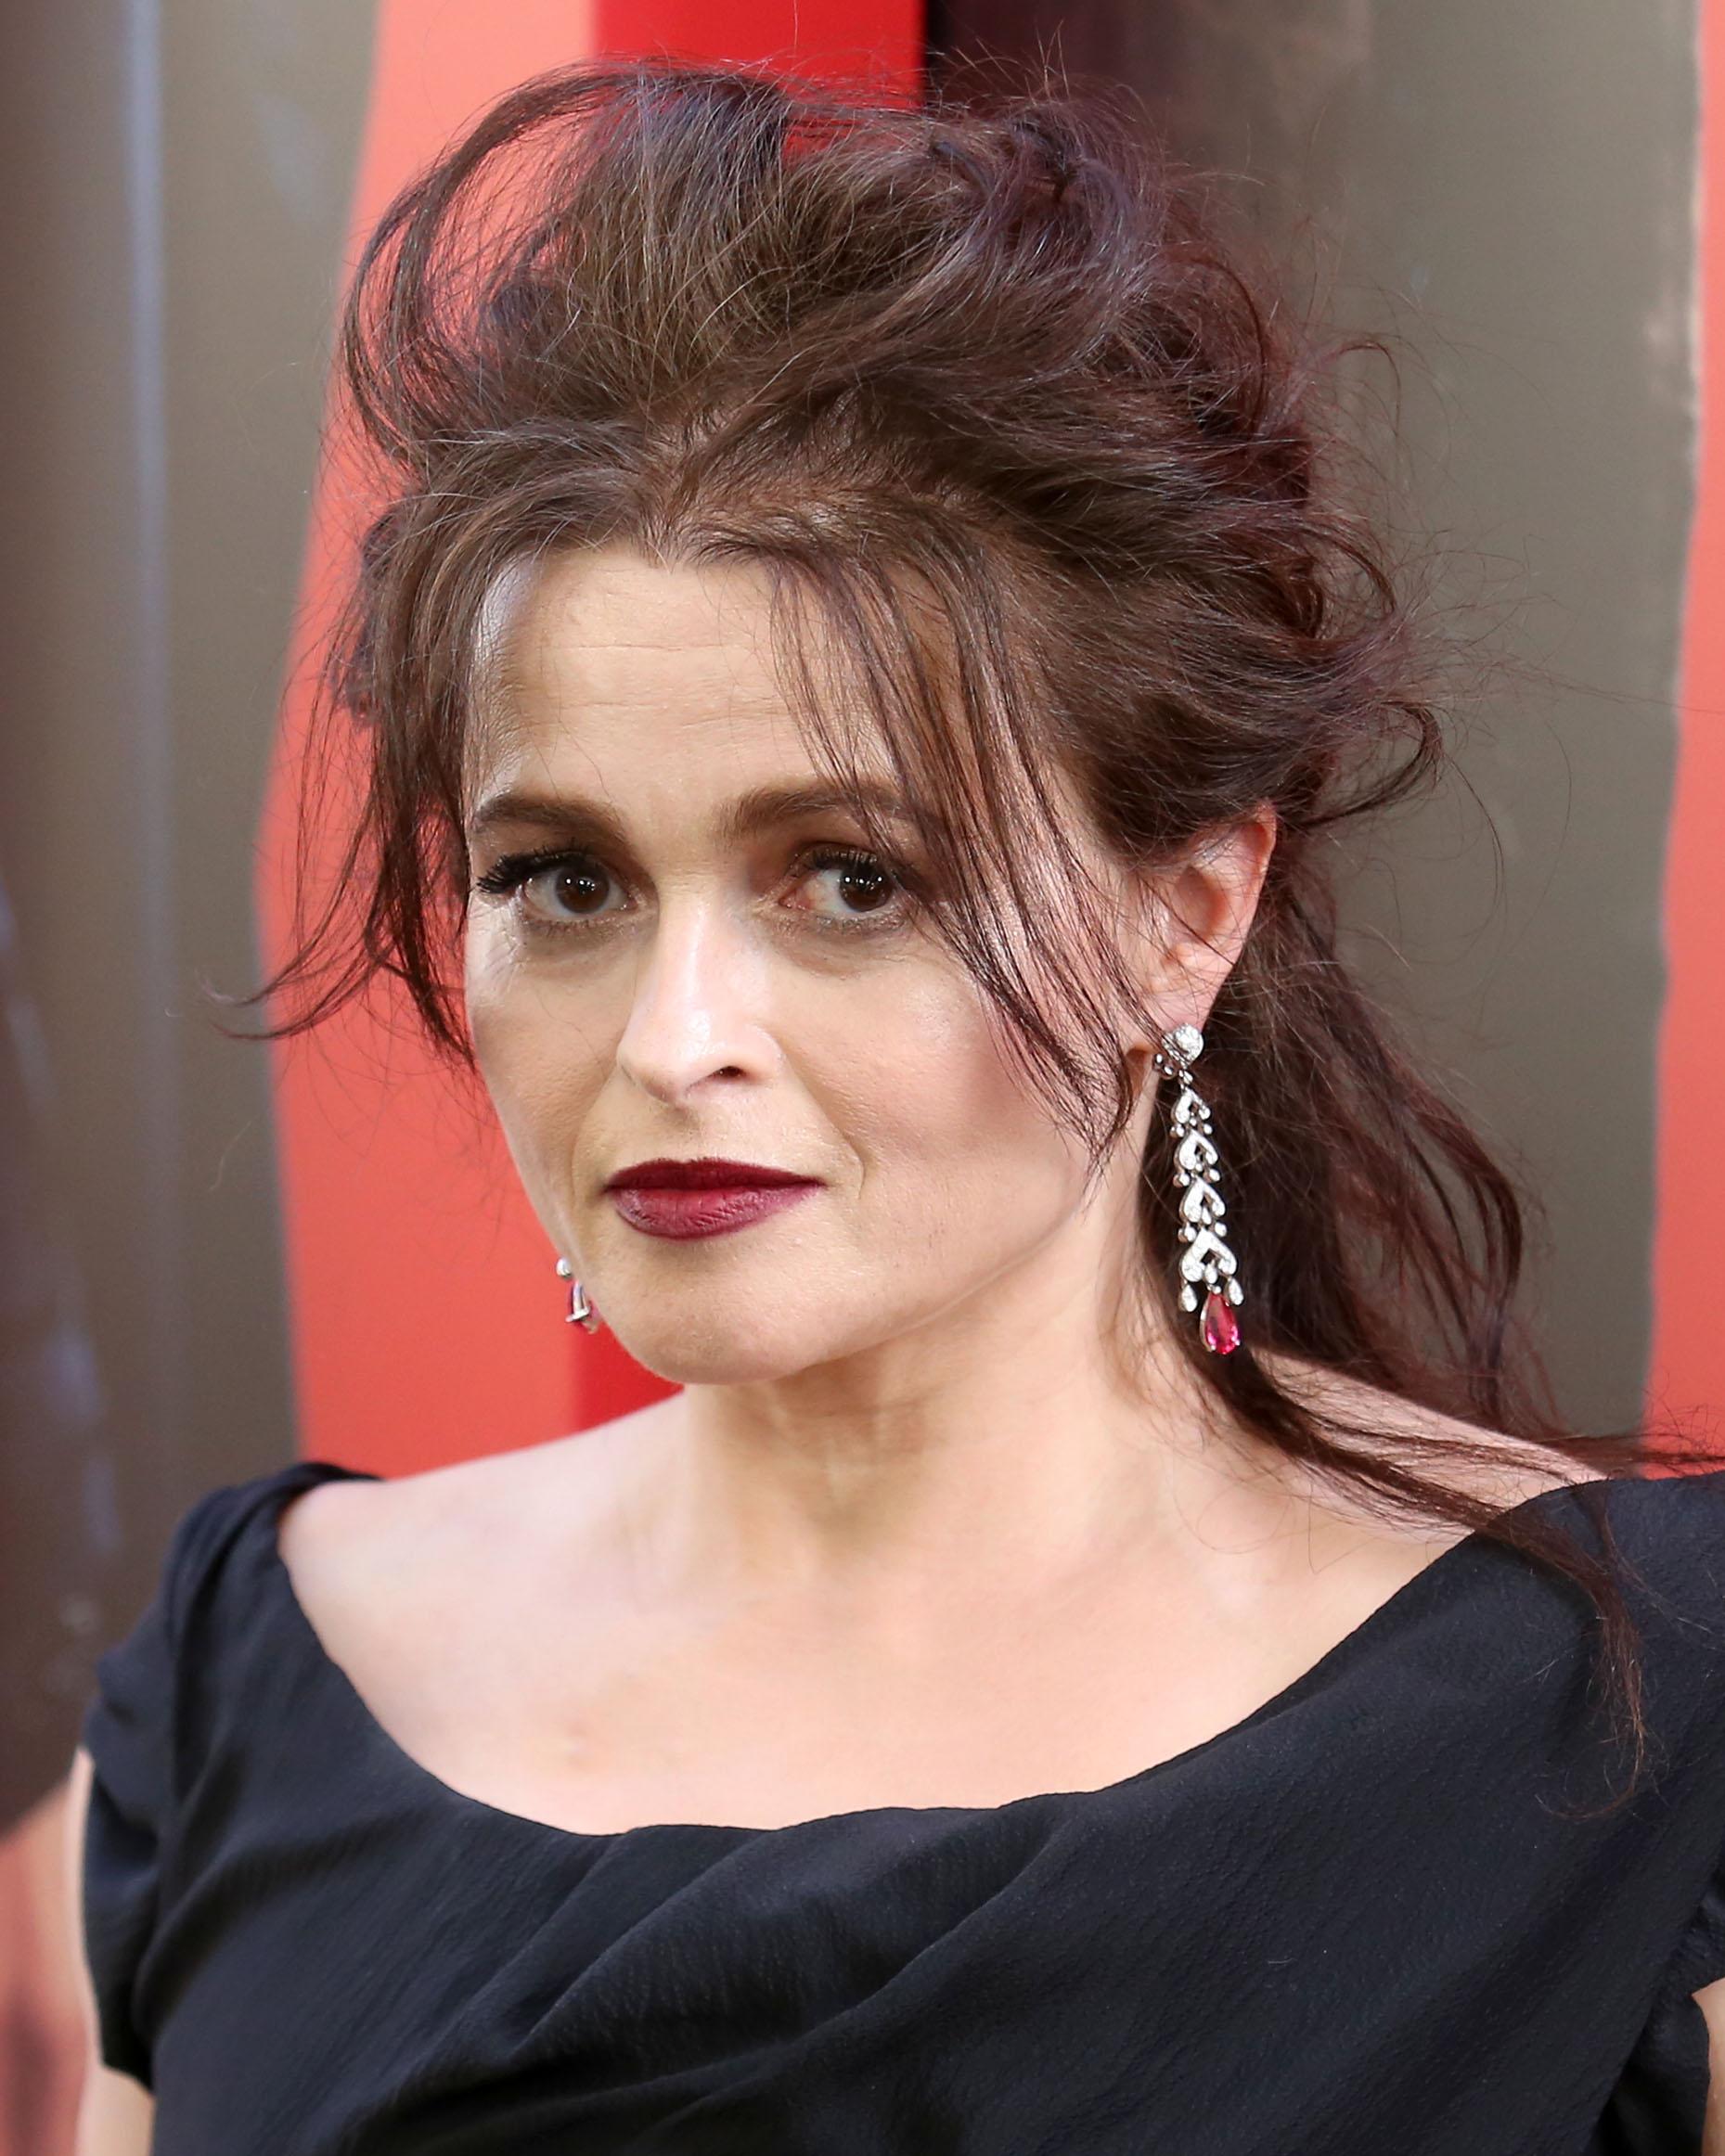 Helena Bonham Carter - Medium of Endor